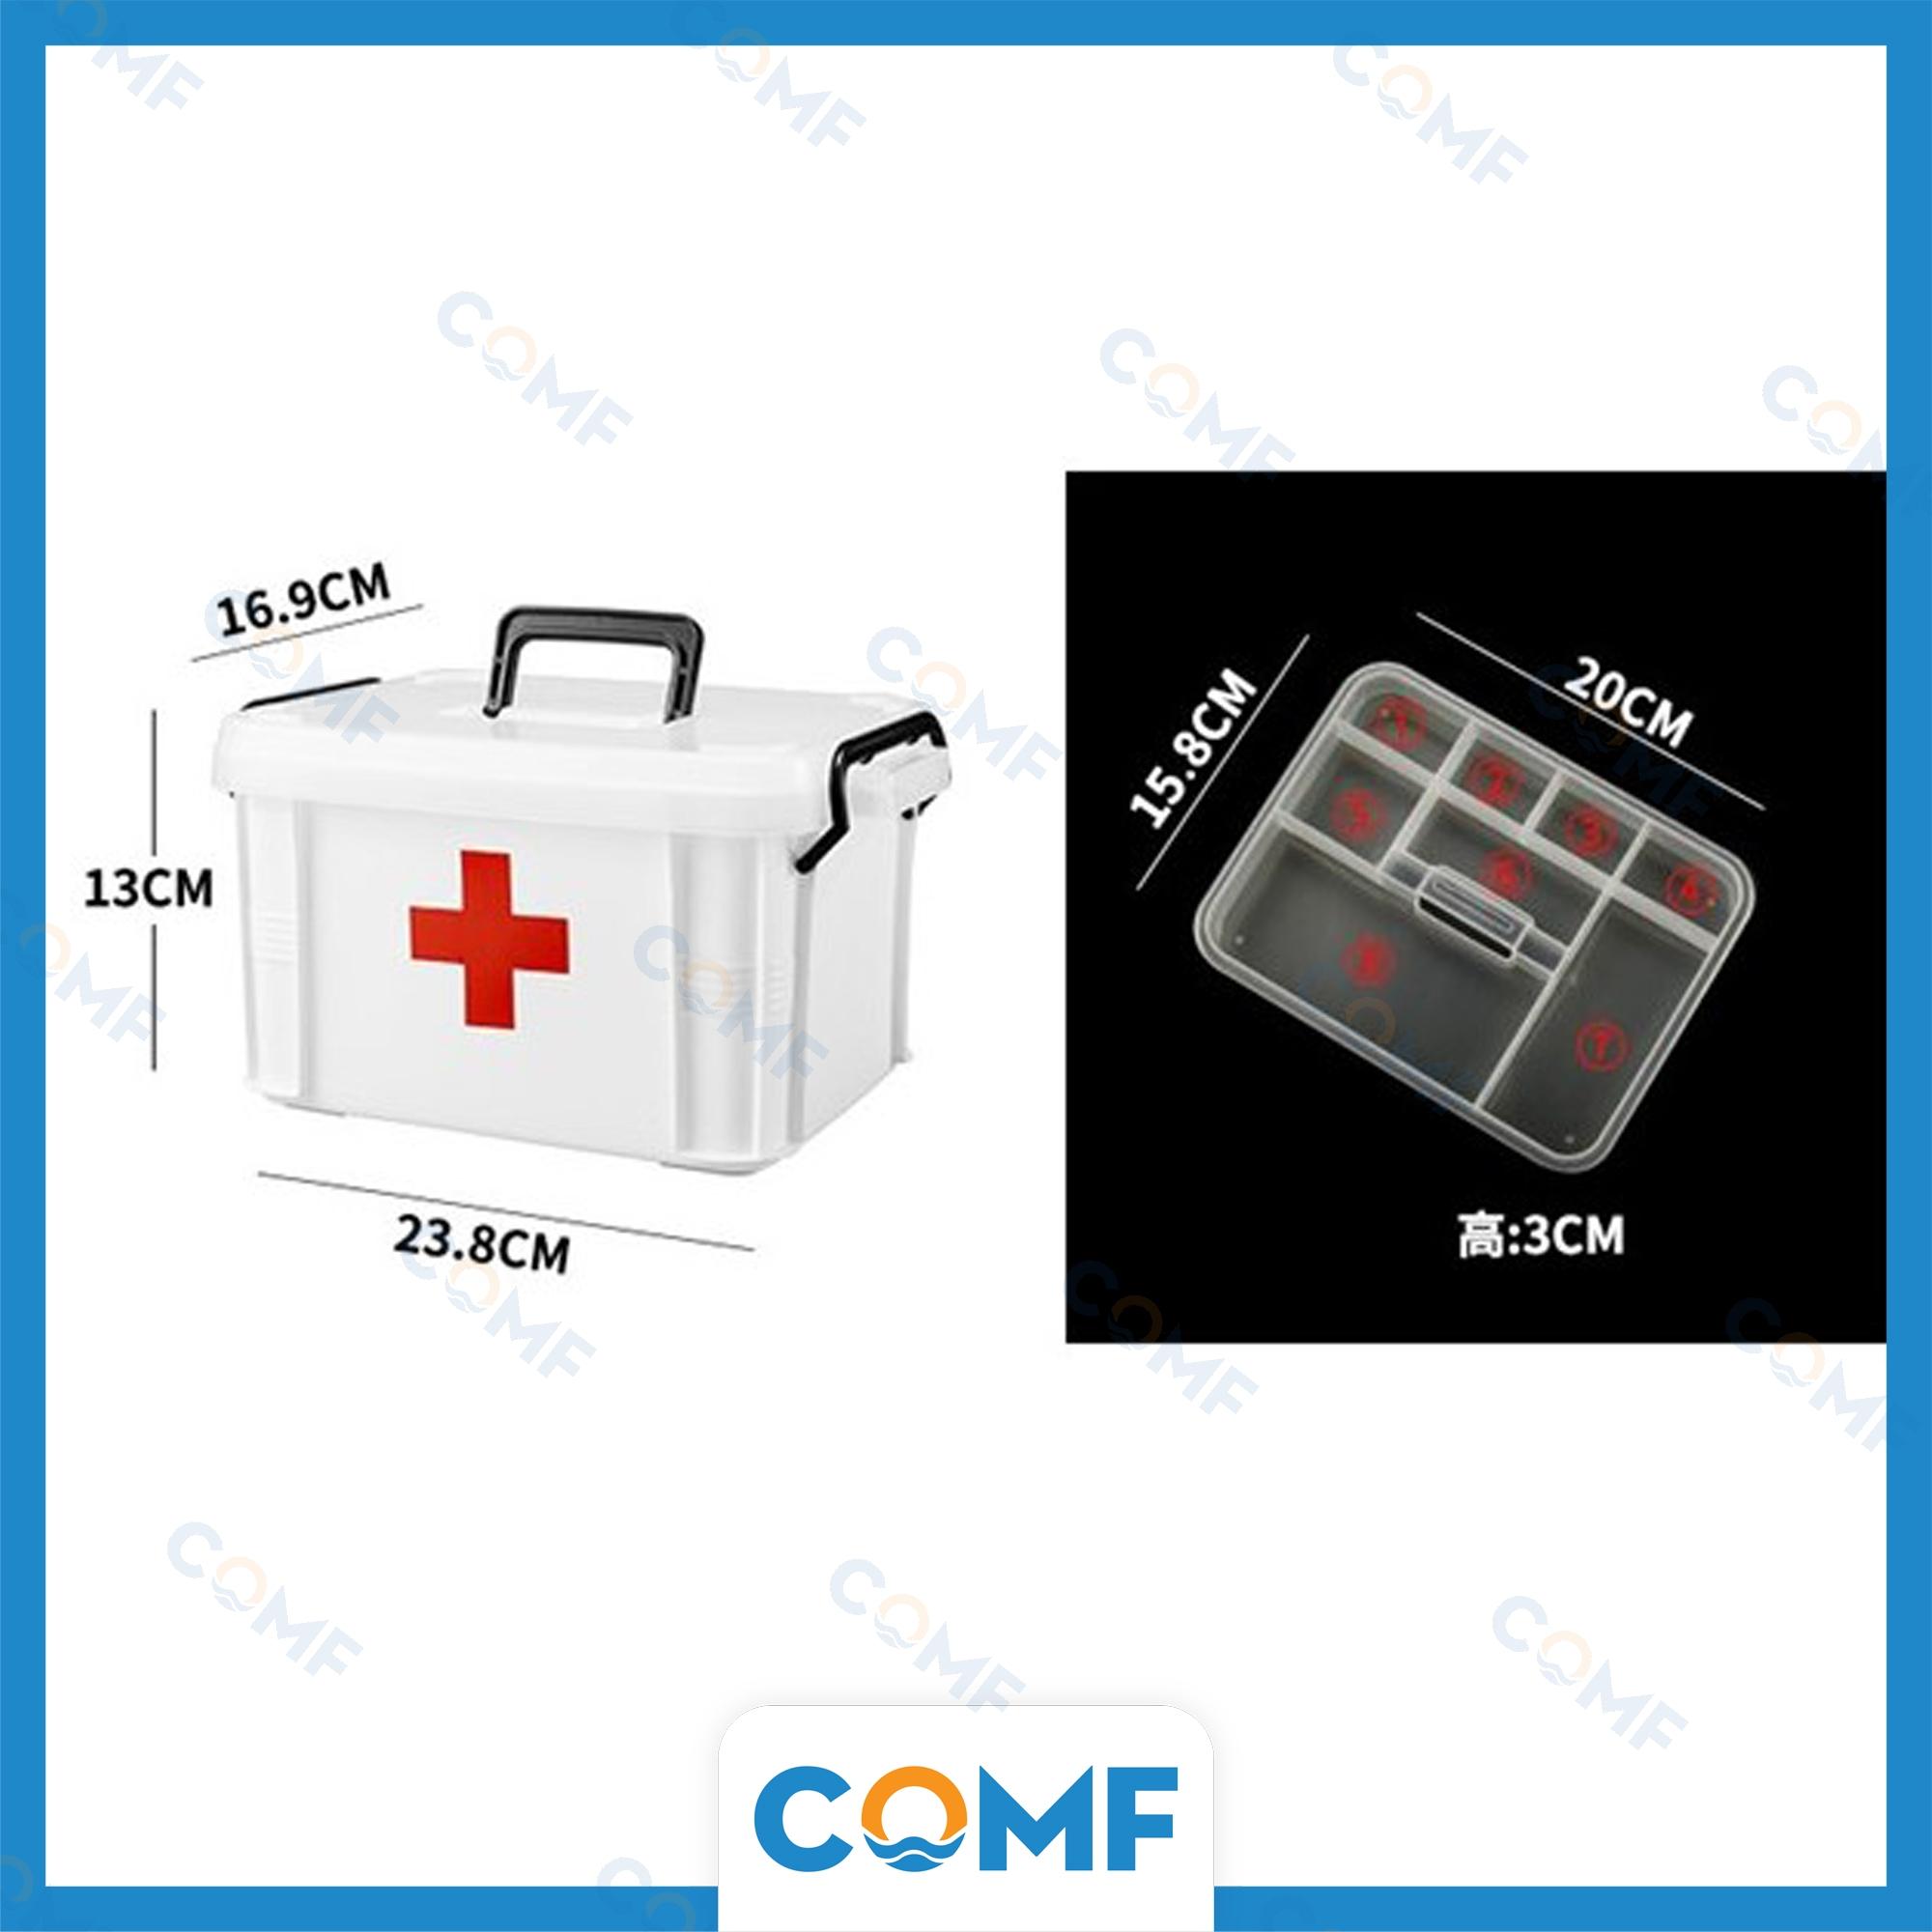 Hộp đựng thuốc gia đình COMF đa chức năng, 2 tầng